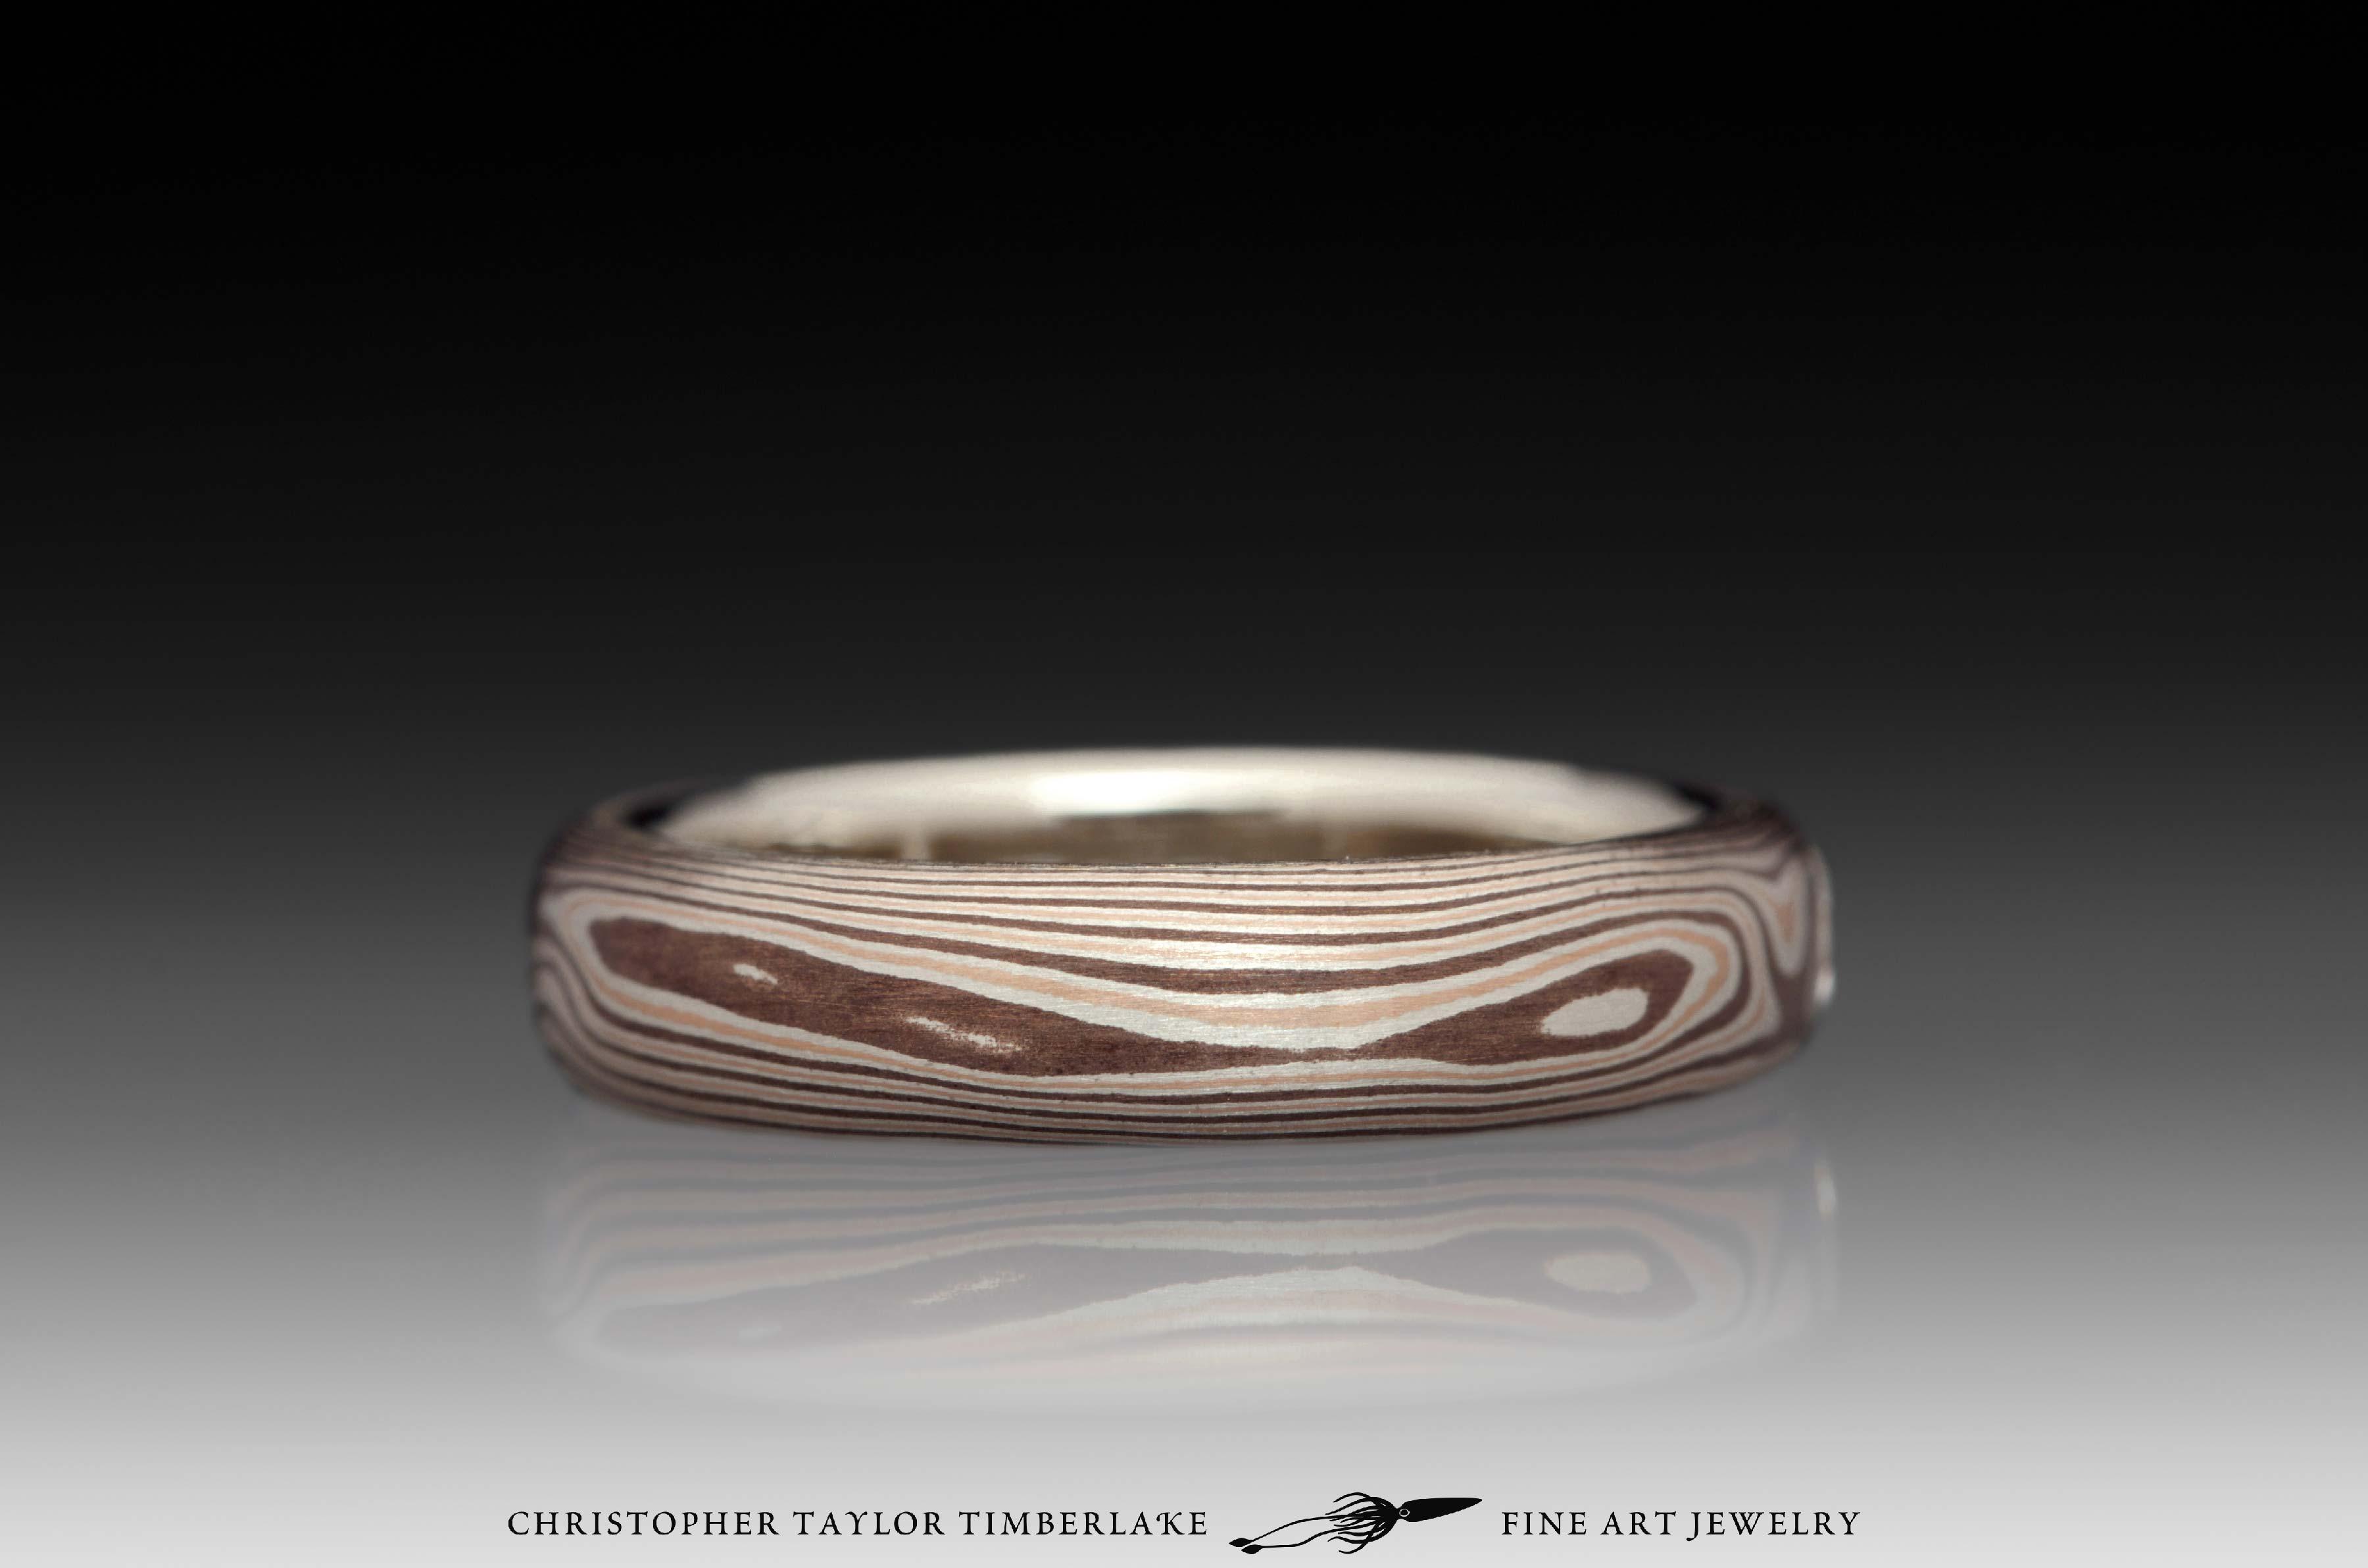 Mokumé-Mokume-Gane-Ring-(M81)-14K-rose-gold,-sterling-silver-with-palladium,-shakudo-2k,-14K-white-gold-inner-band,-domed,-flush-set-rd-2.9mm-diamond,-woodgrain,-4mm-2